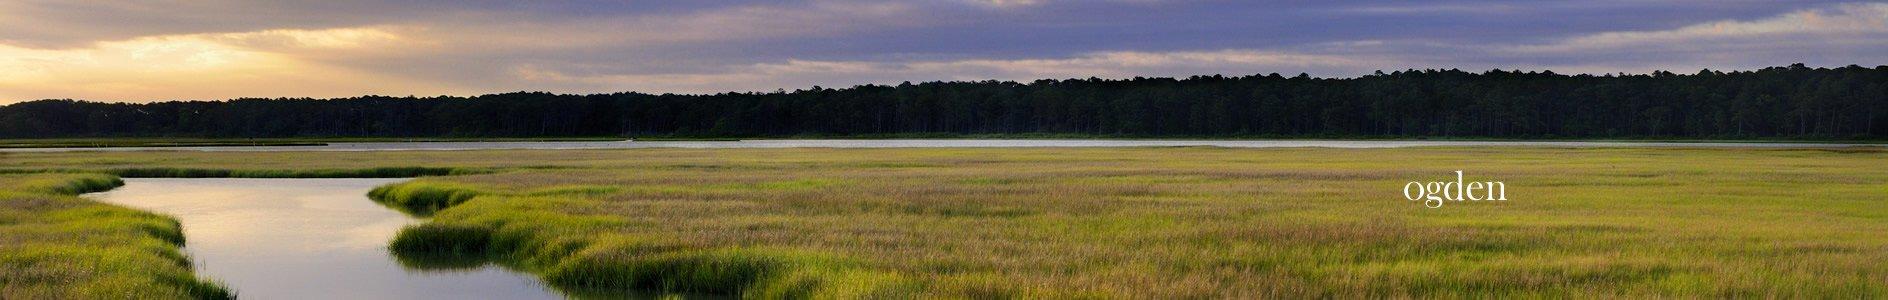 Marsh Ogden